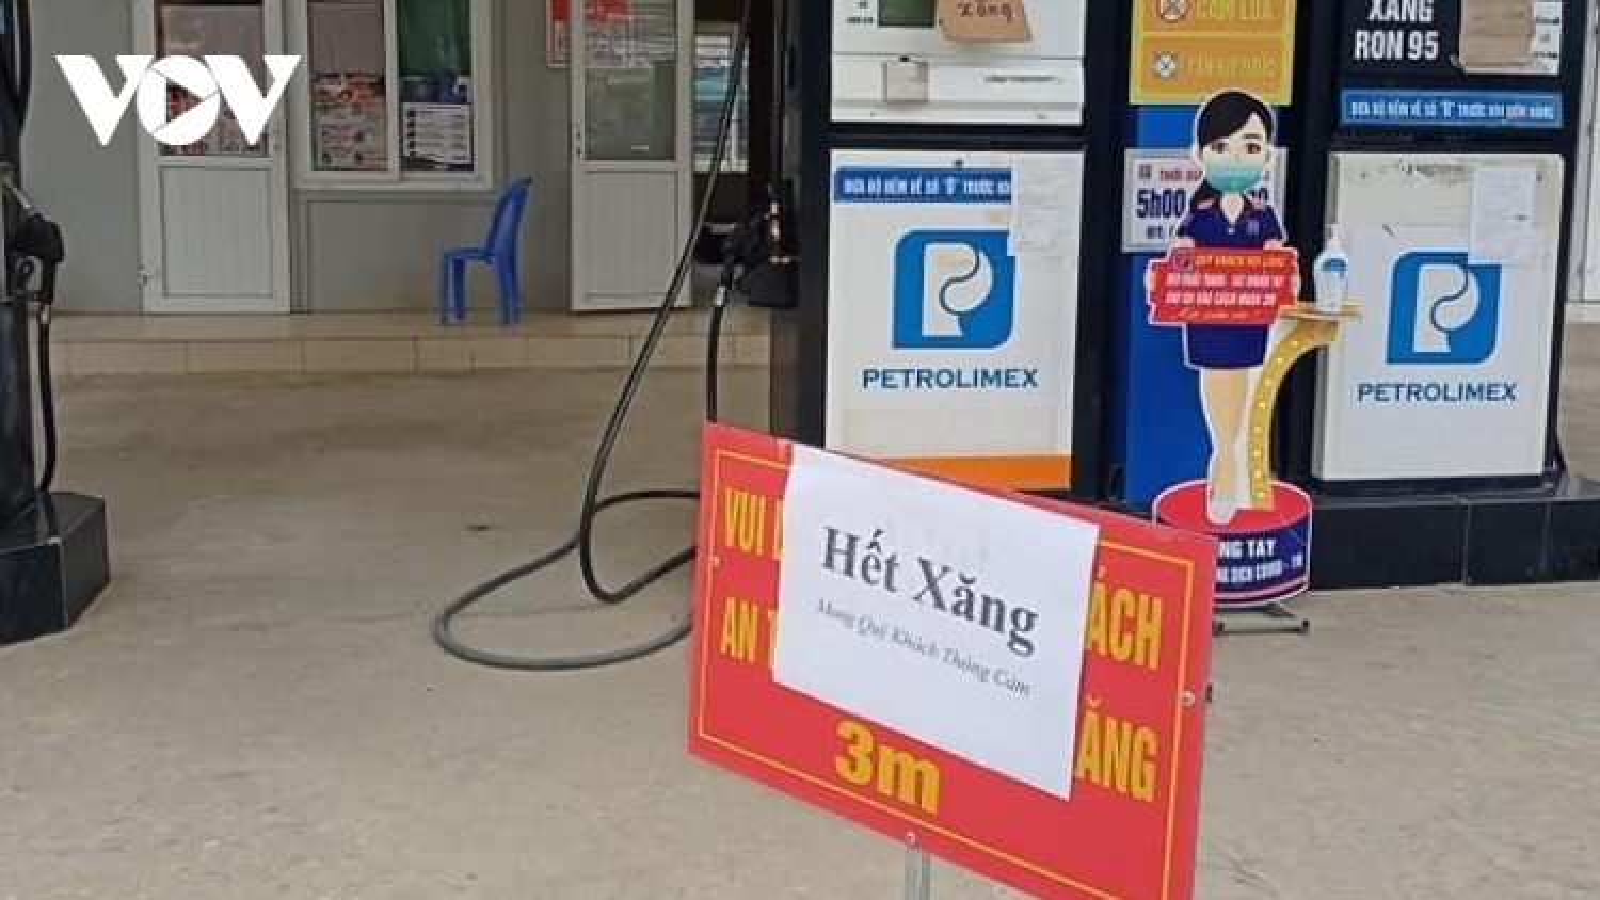 Hàng loạt cửa hàng ở miền núi Nghệ An đồng loạt treo biển hết xăng